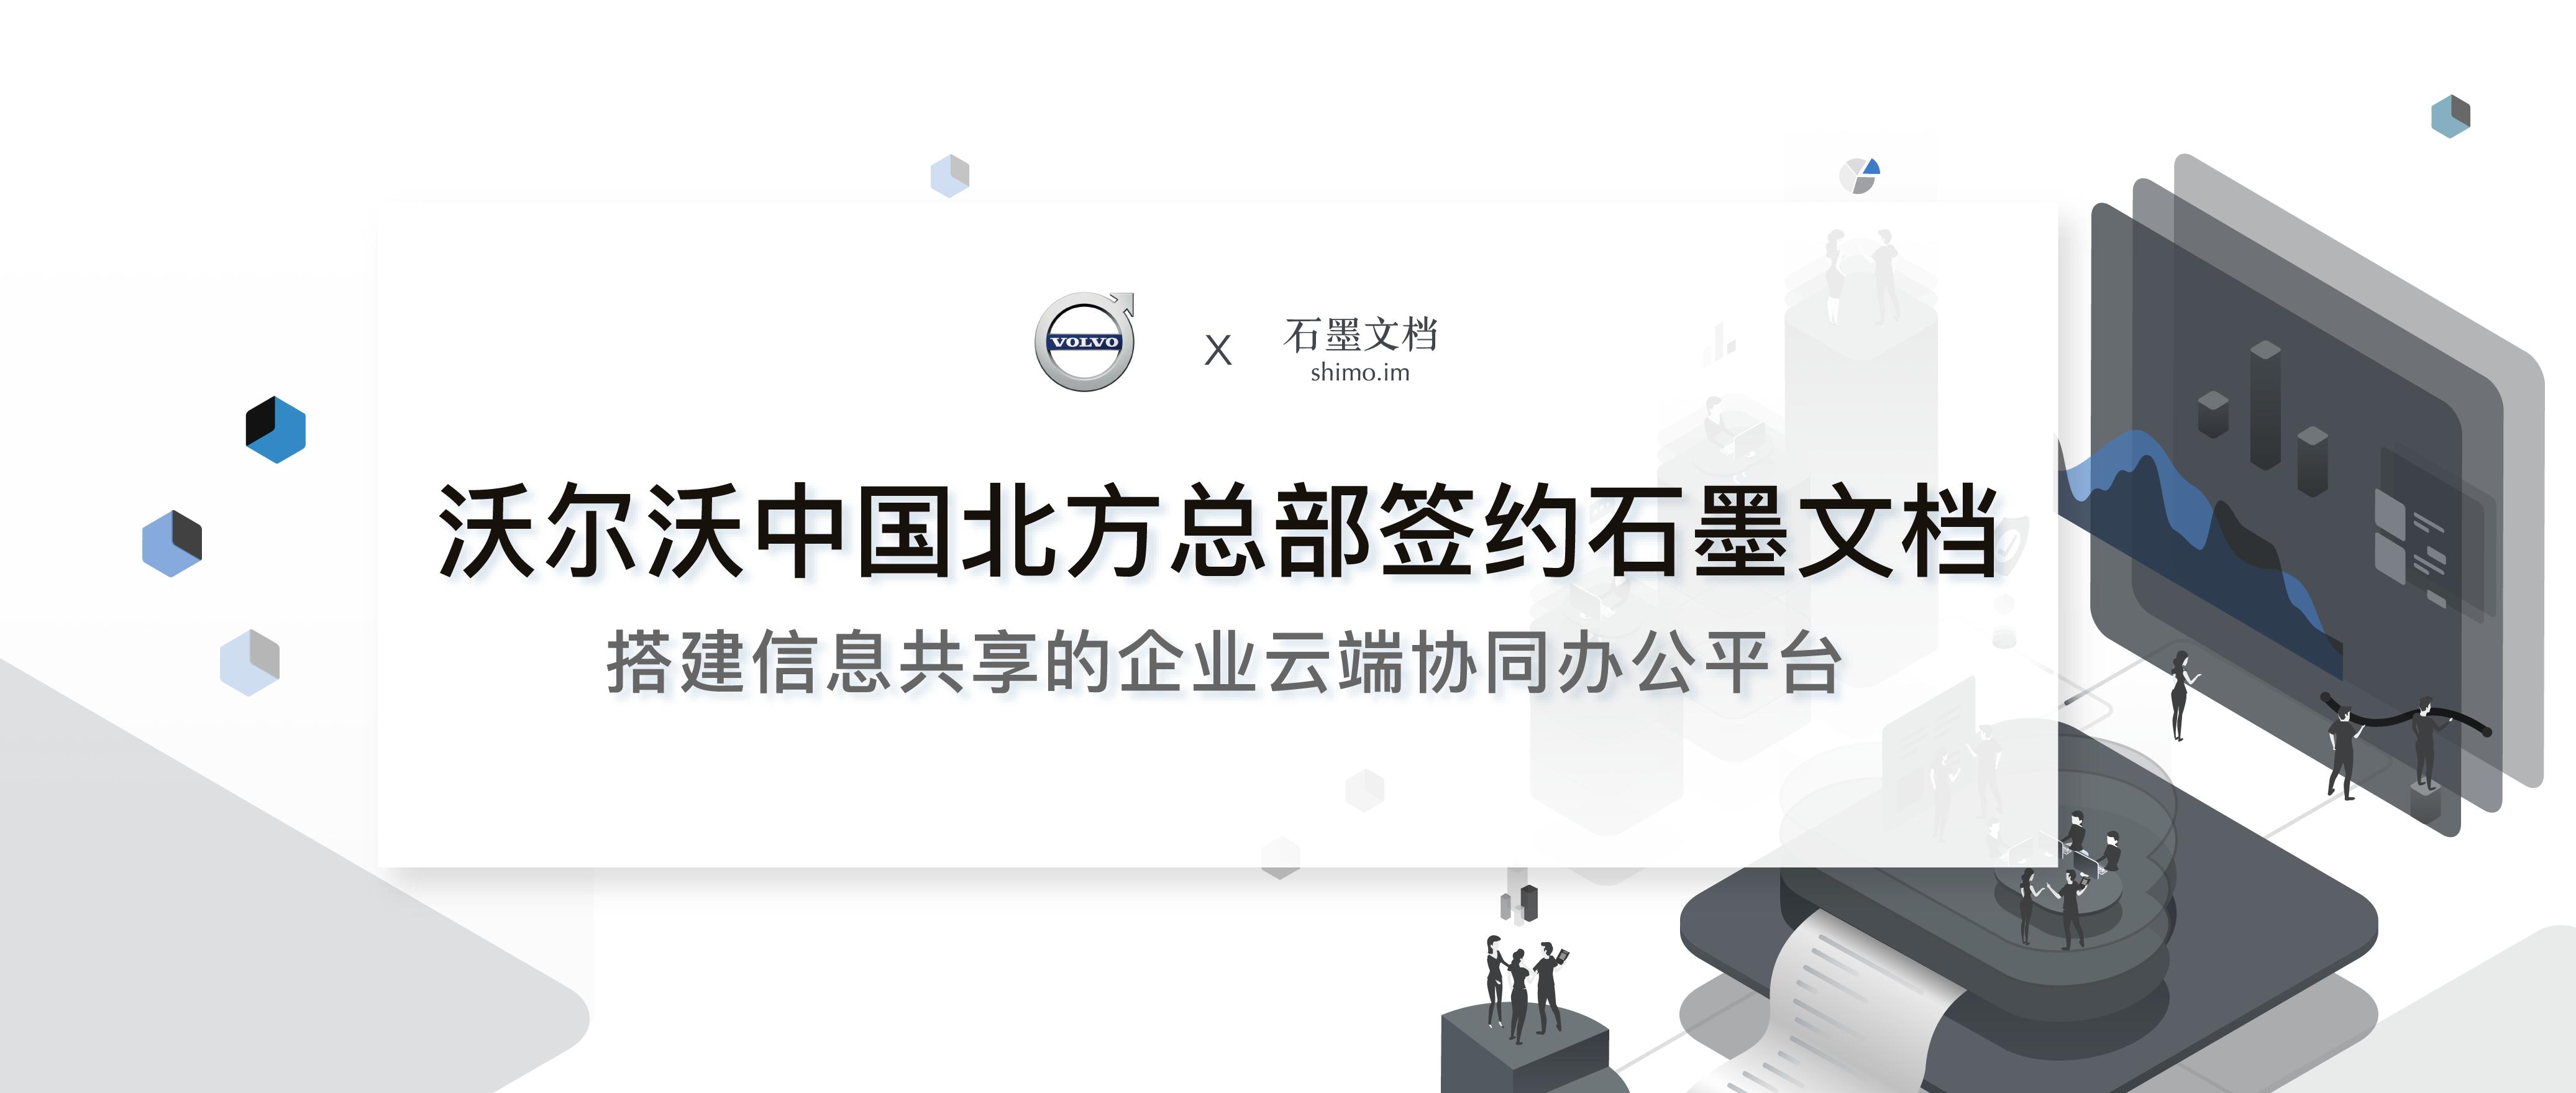 石墨文档签约 | 助力沃尔沃中国北方总部,搭建信息共享的企业云端协同办公平台